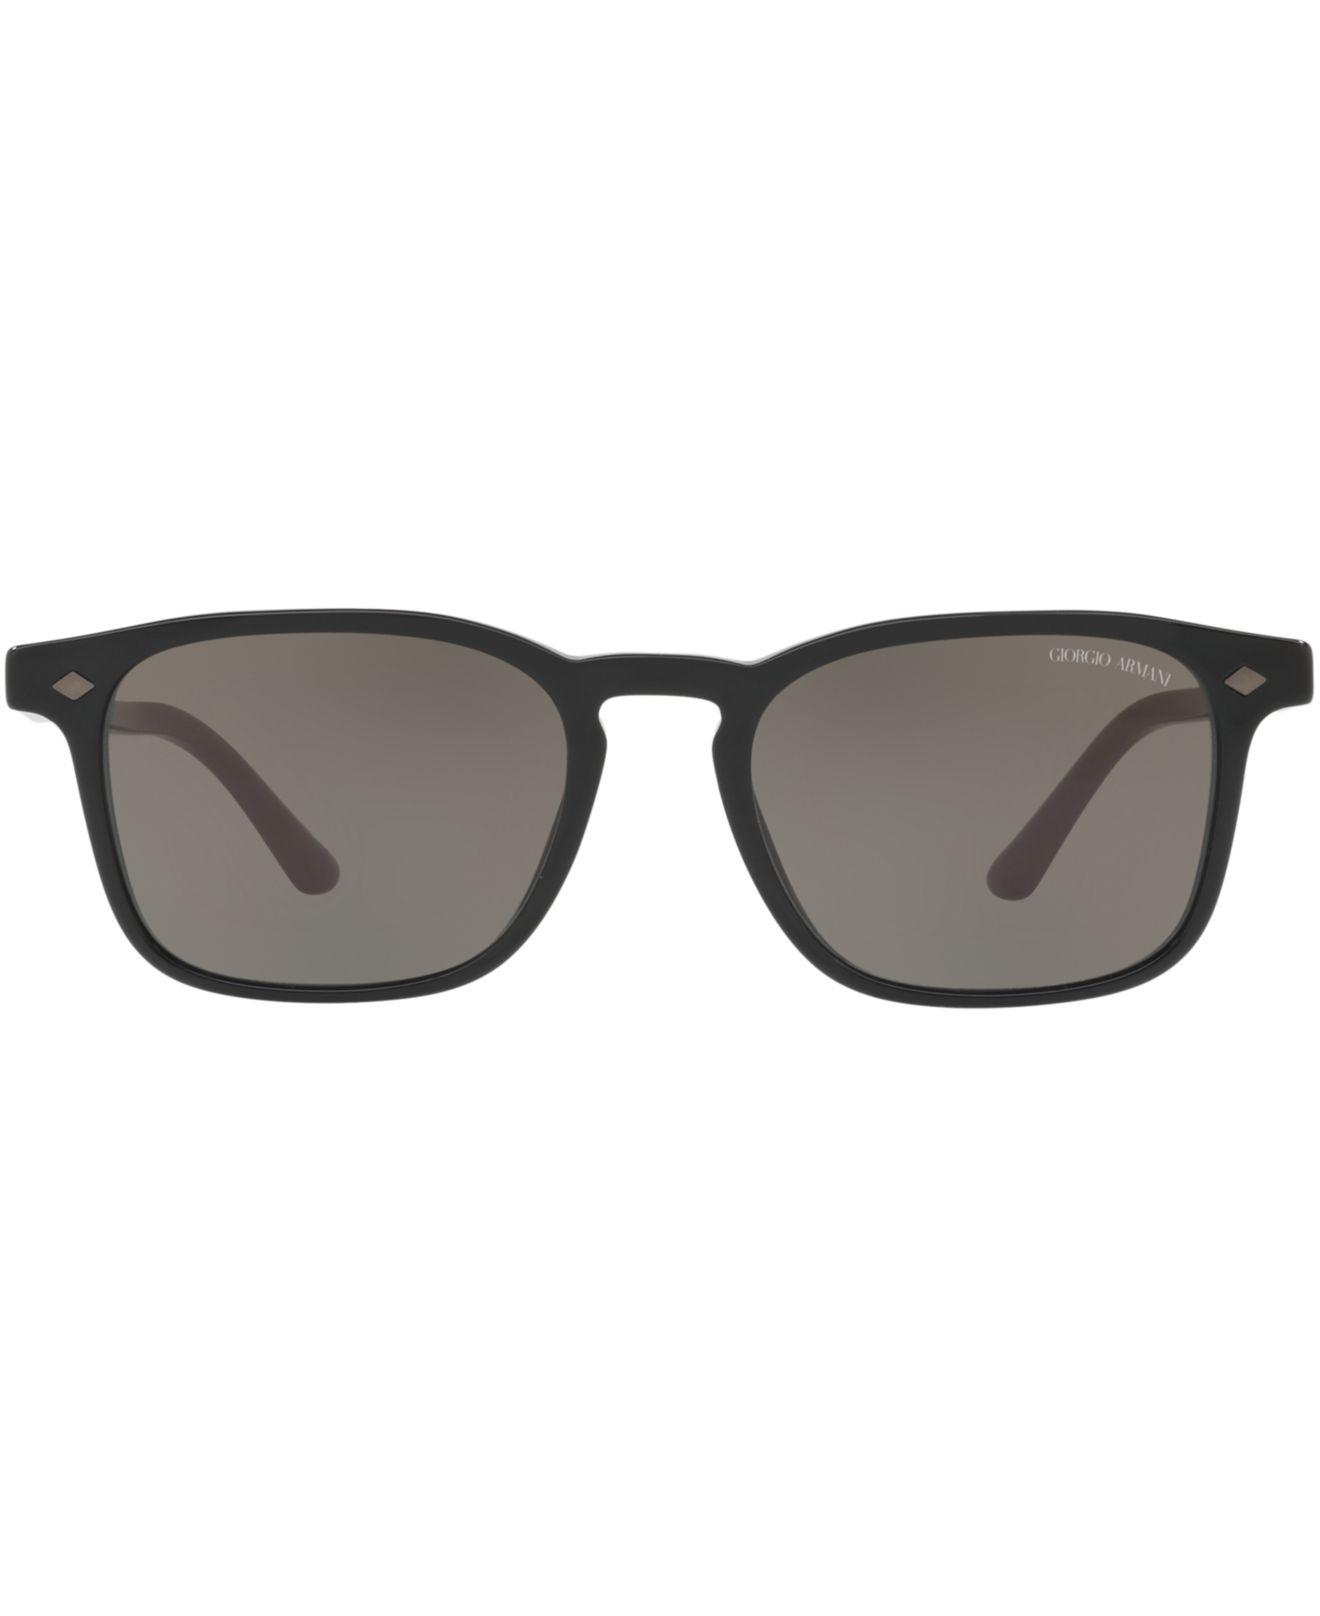 5e188f139632 Lyst - Giorgio Armani Sunglasses, Ar8103 in Gray for Men